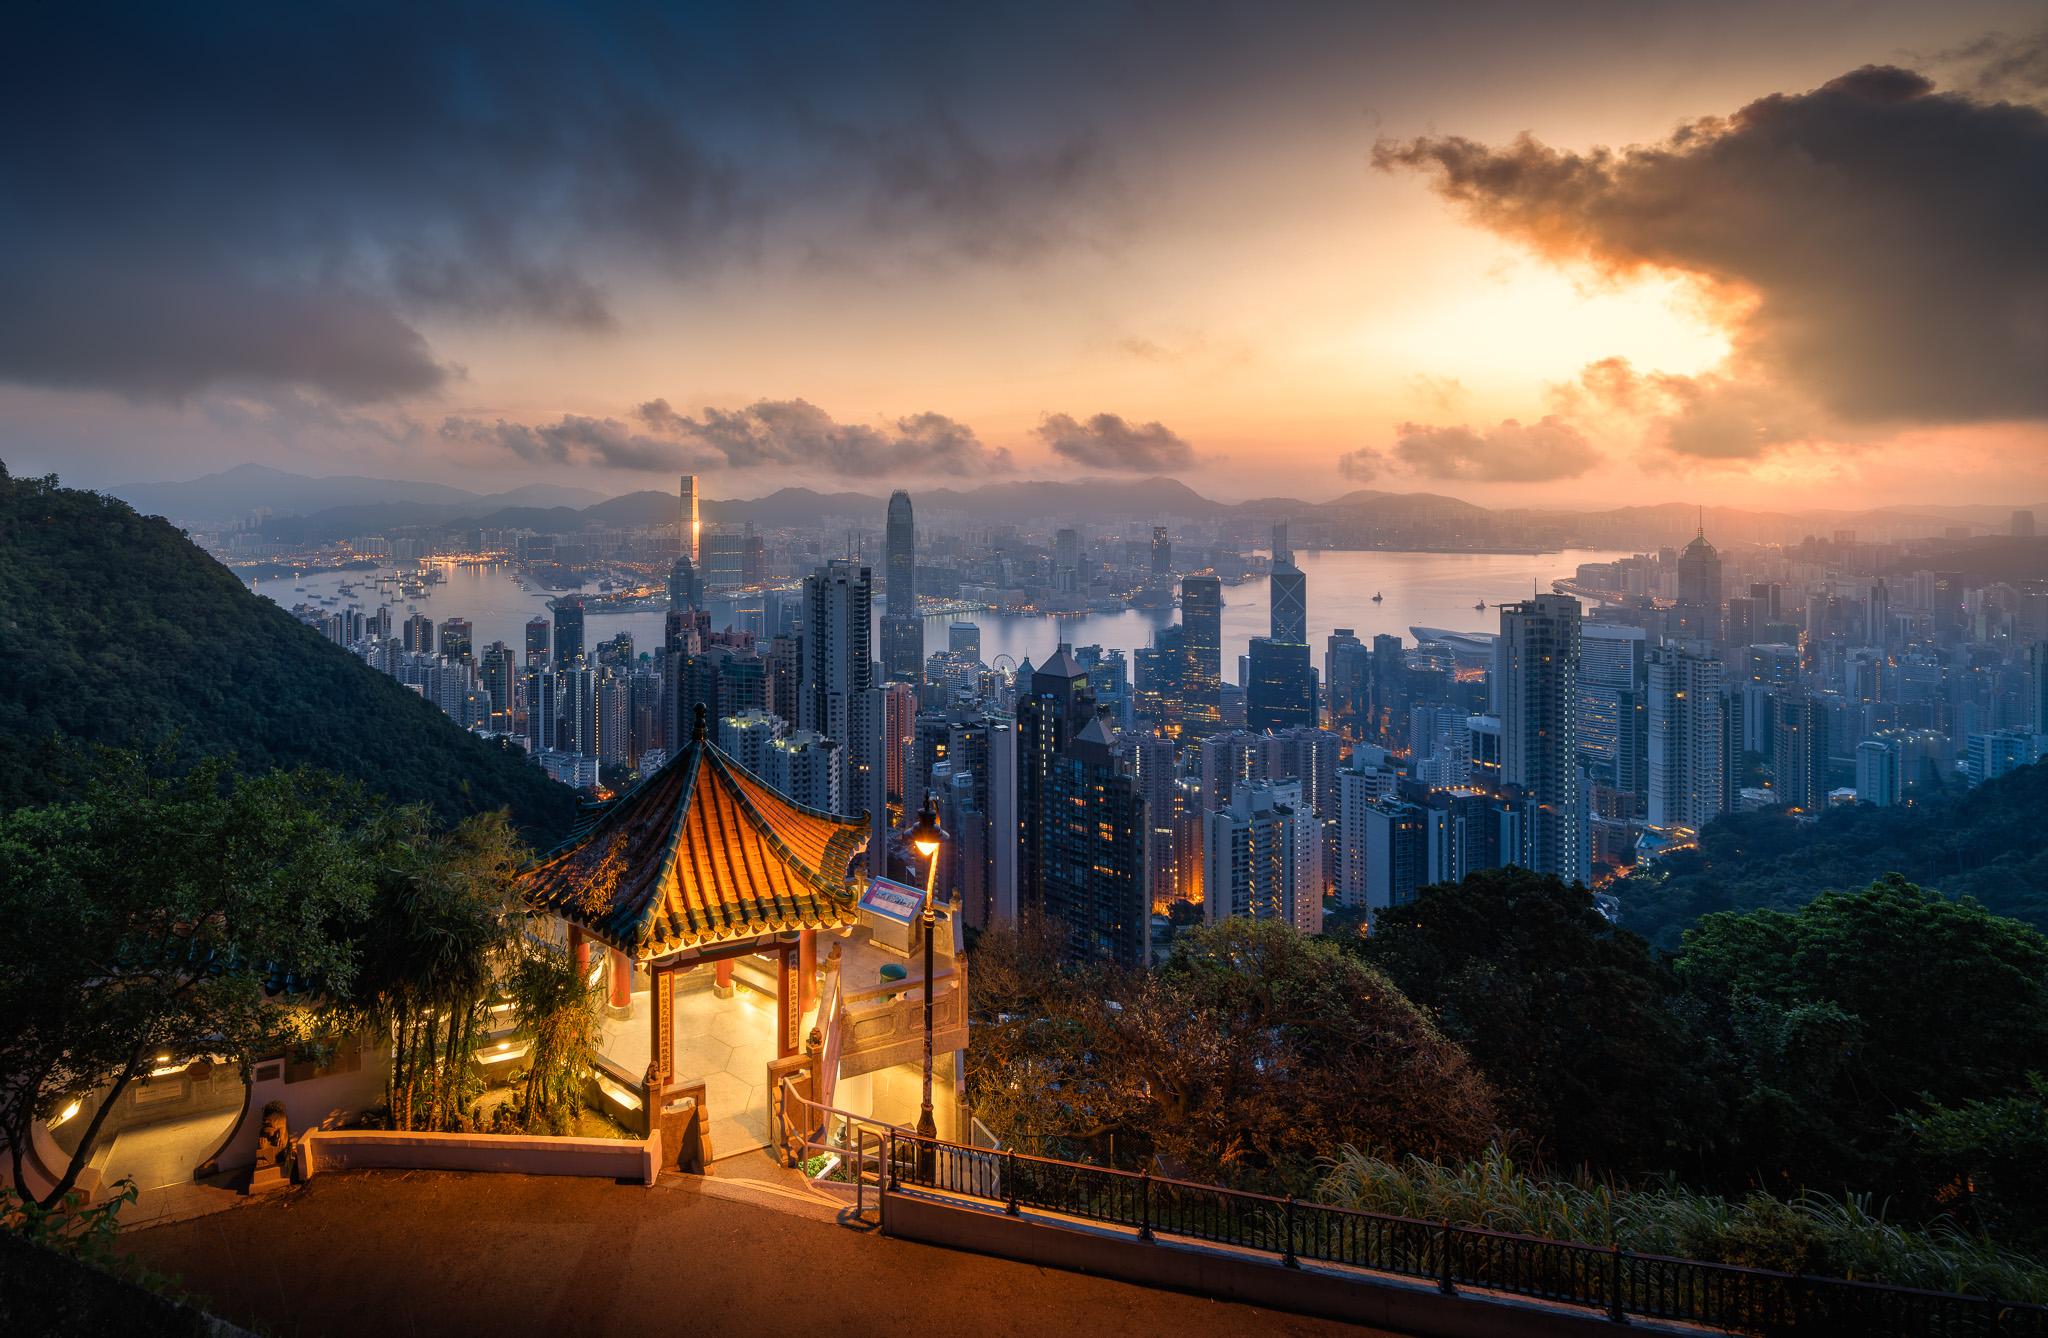 Hongkong and Taiwan 2018